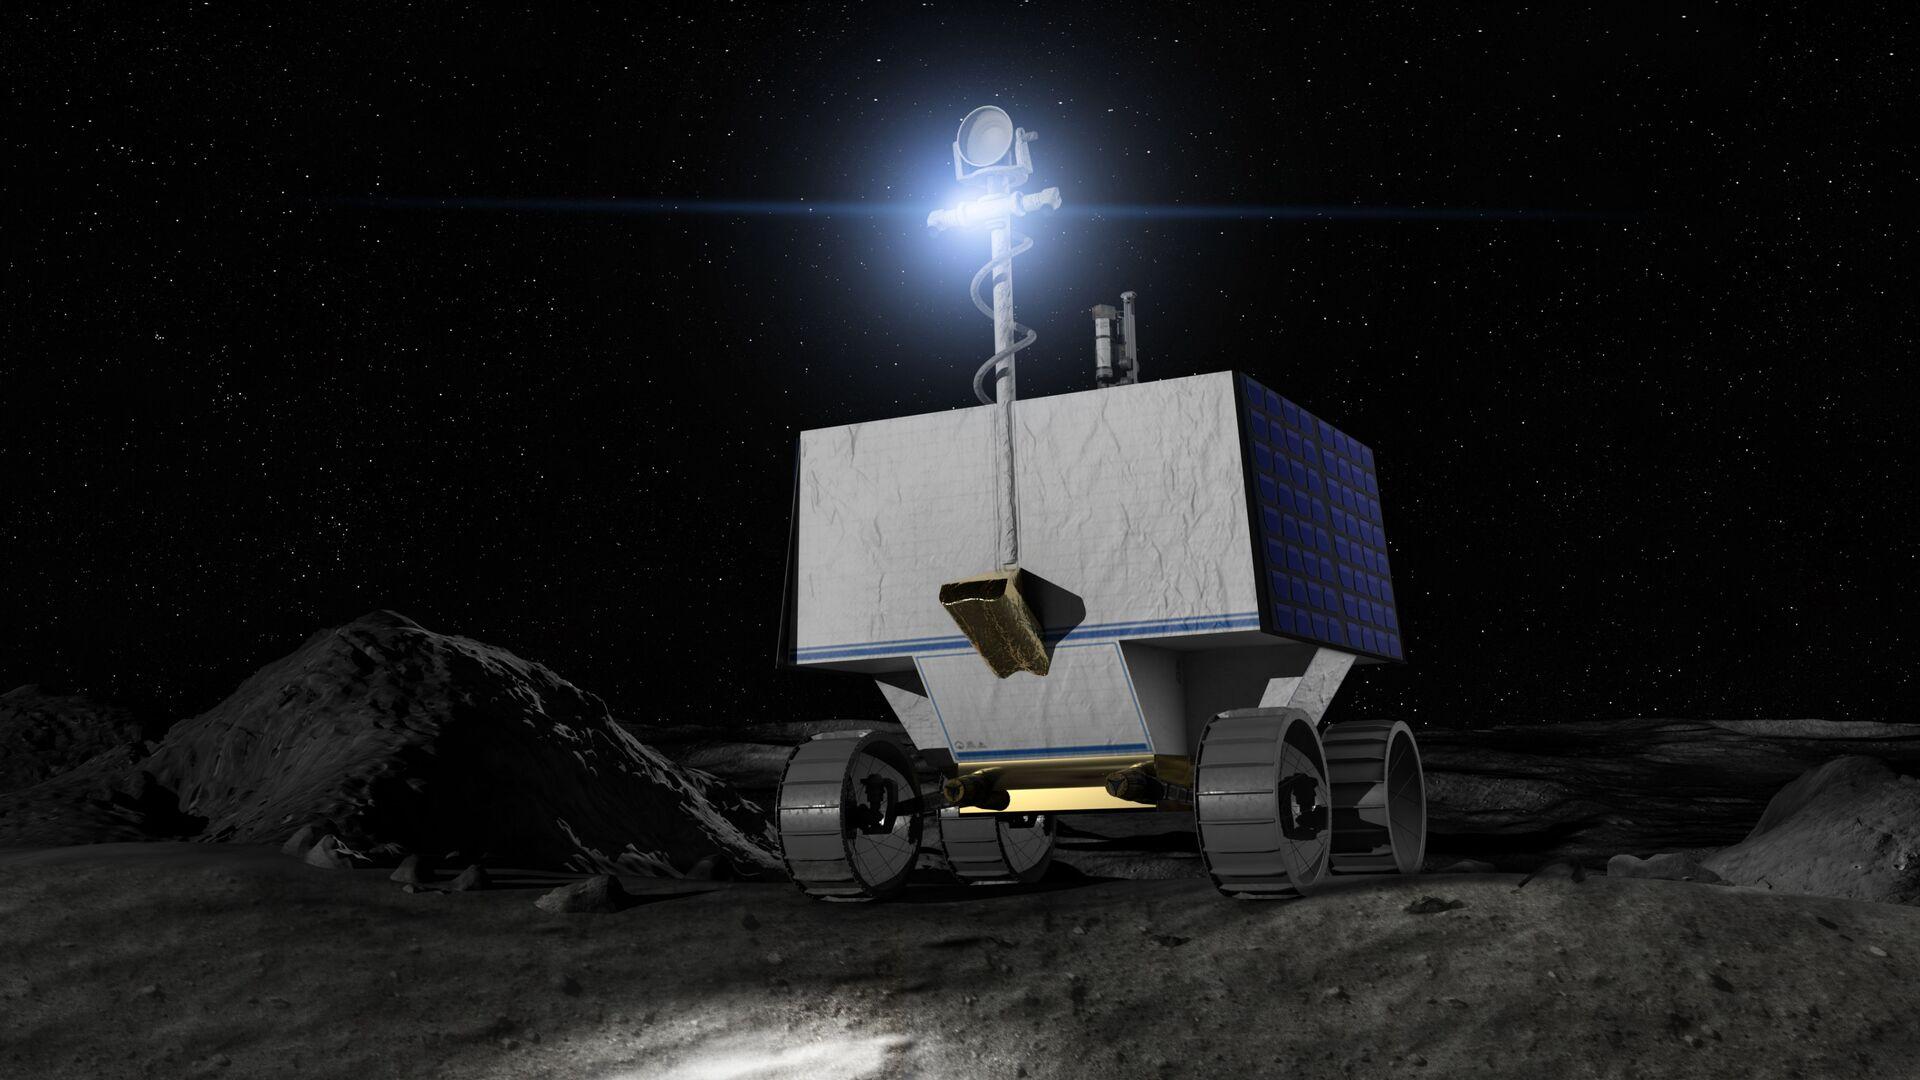 Il nuovo rover VIPER che sarà inviato dalla NASA sulla Luna per mappare le concentrazioni di ghiaccio d'acqua - Sputnik Italia, 1920, 16.06.2021